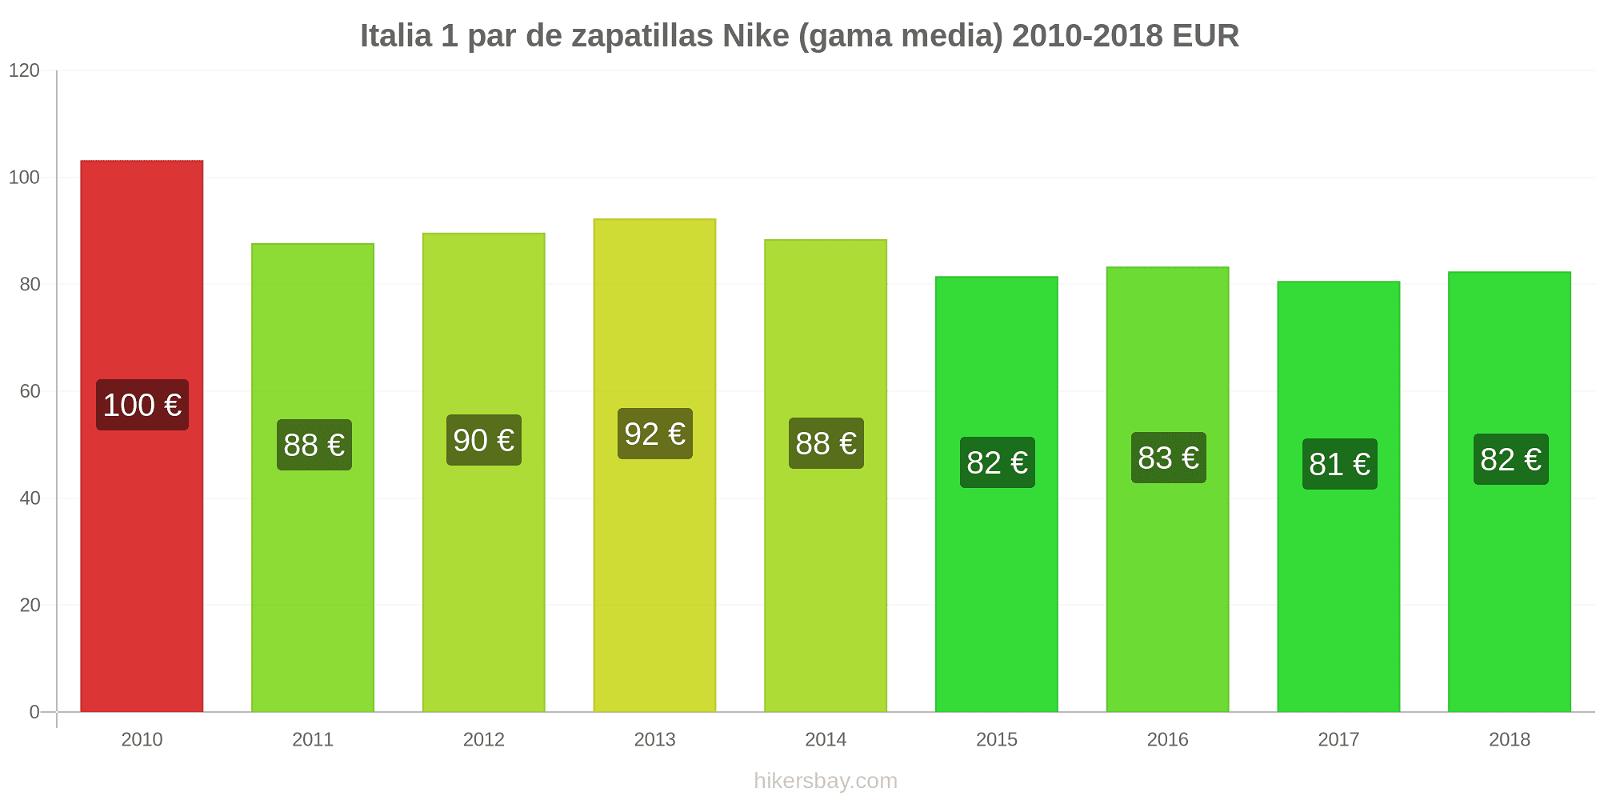 Italia cambios de precios 1 par de zapatillas Nike (gama media) hikersbay.com